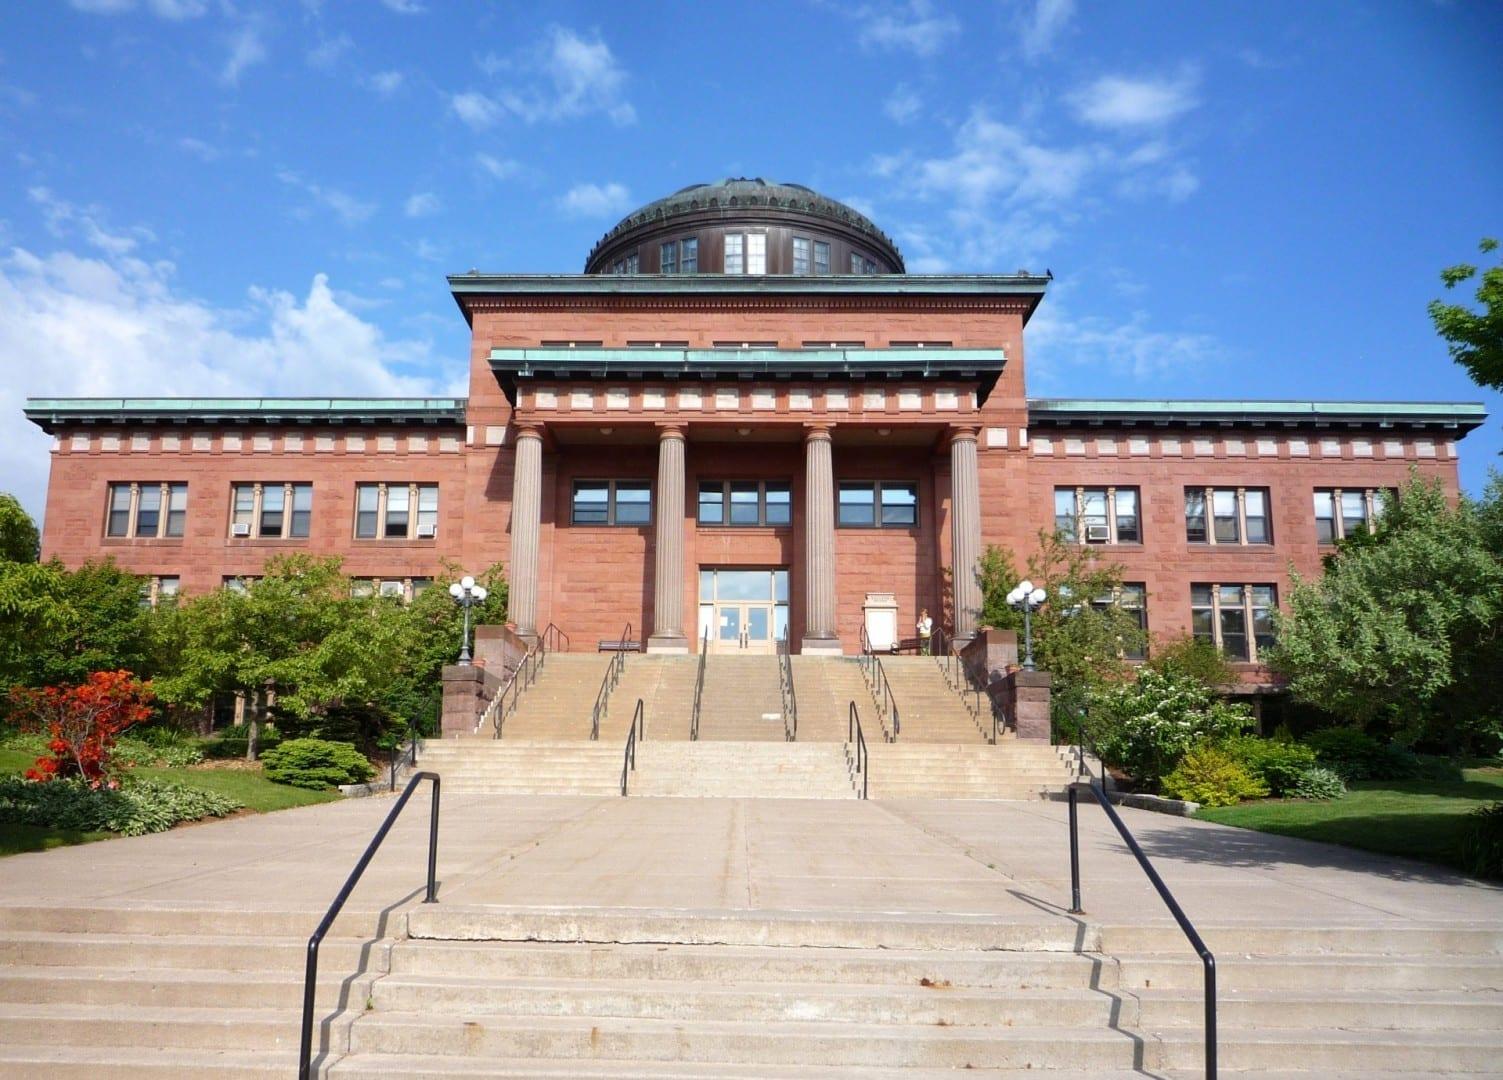 El tribunal de la ciudad de Marquette Marquette MI Estados Unidos